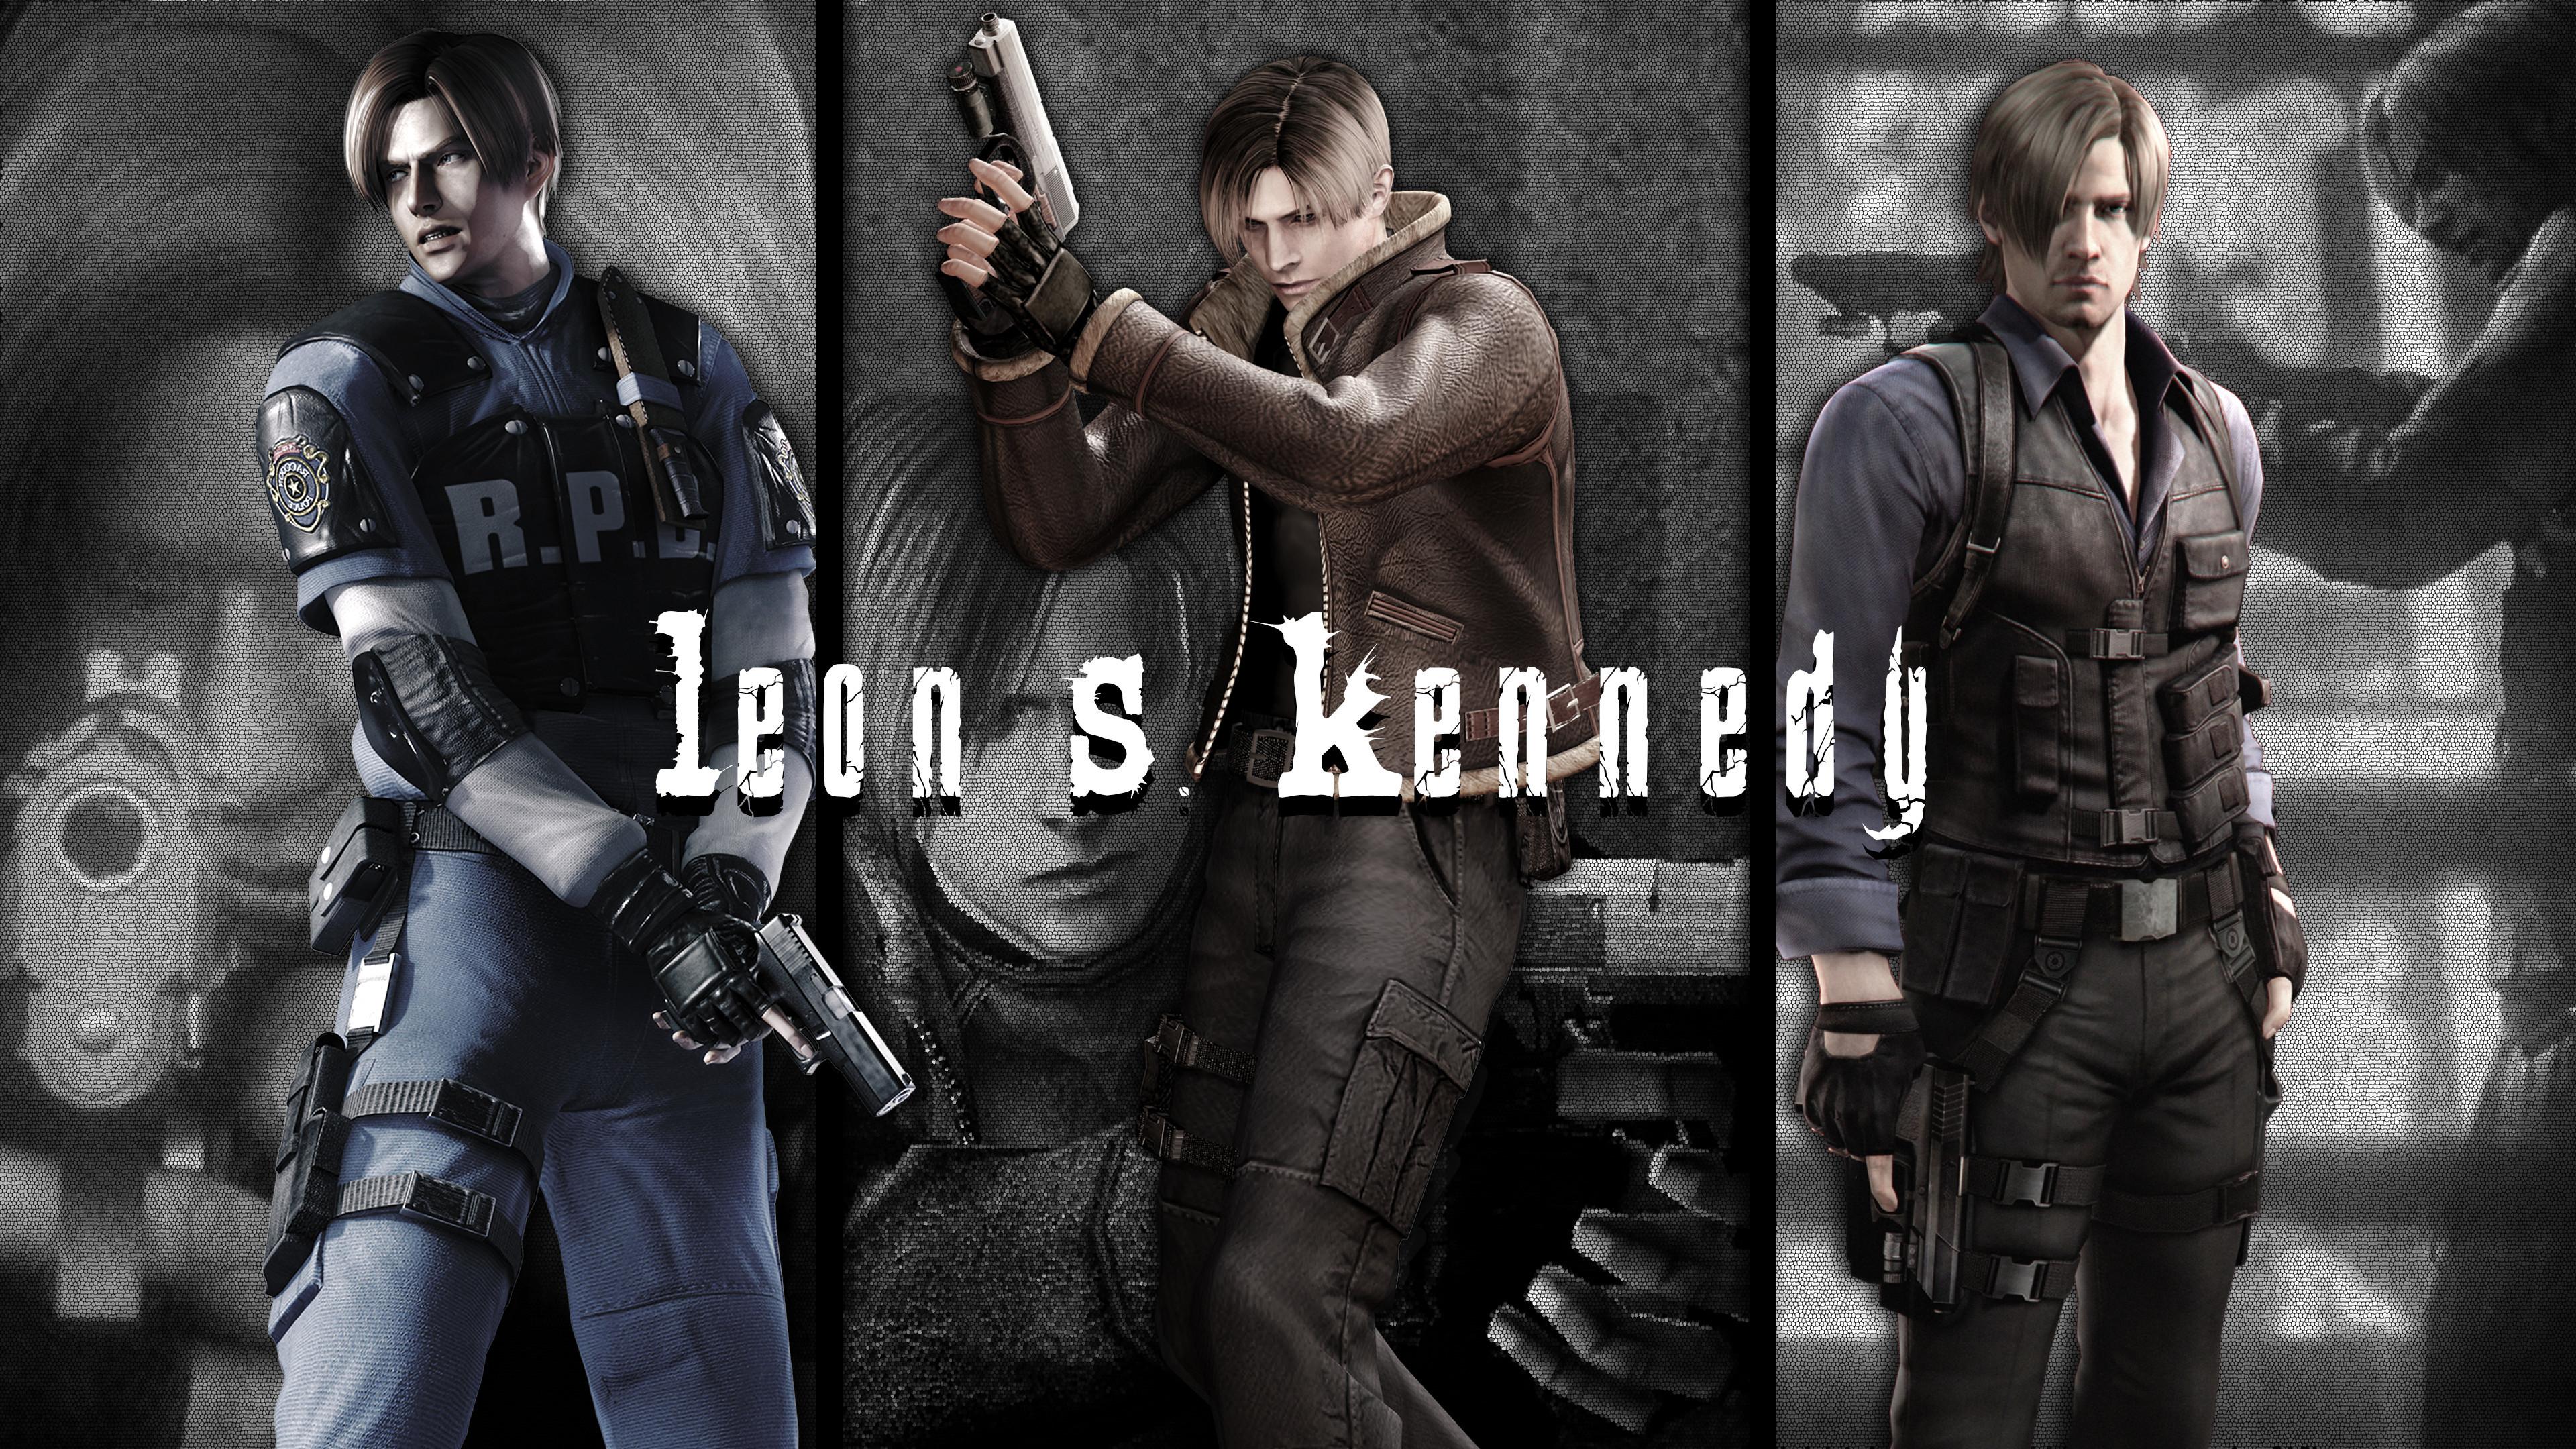 Resident Evil Leon Wallpaper Posted By Christopher Peltier